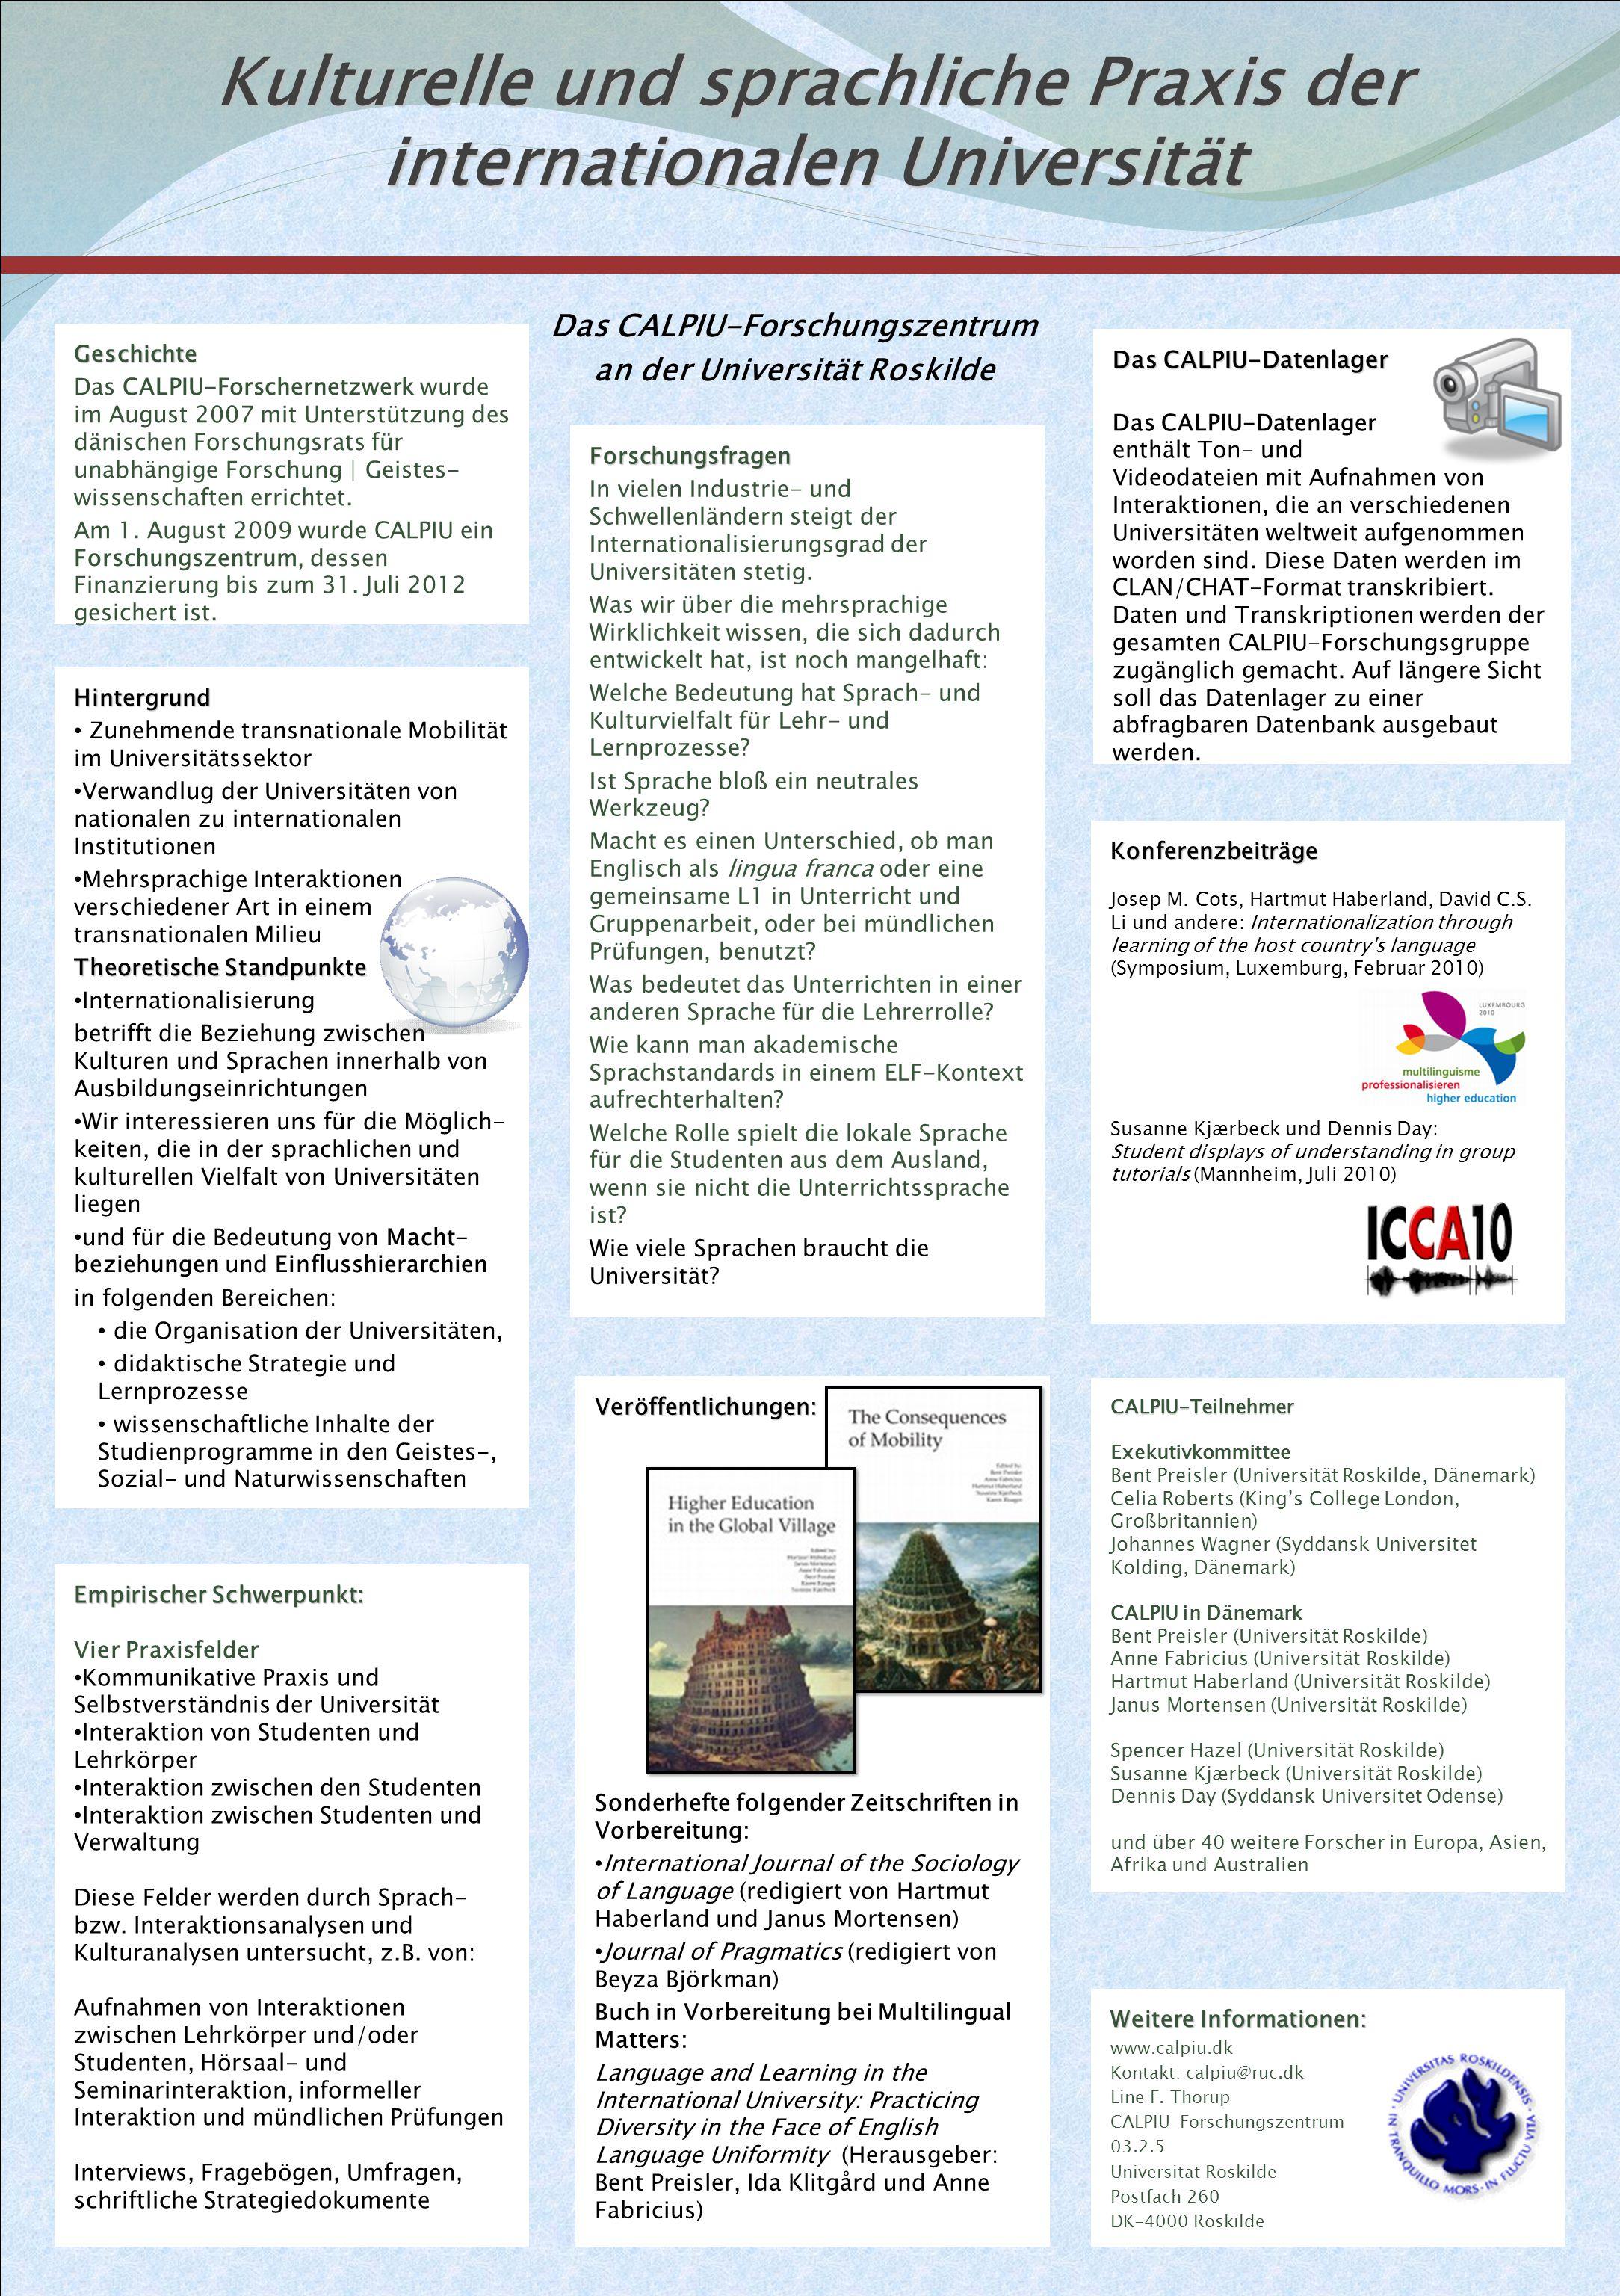 Kulturelle und sprachliche Praxis der internationalen Universität Geschichte Das CALPIU-Forschernetzwerk wurde im August 2007 mit Unterstützung des dänischen Forschungsrats für unabhängige Forschung | Geistes- wissenschaften errichtet.